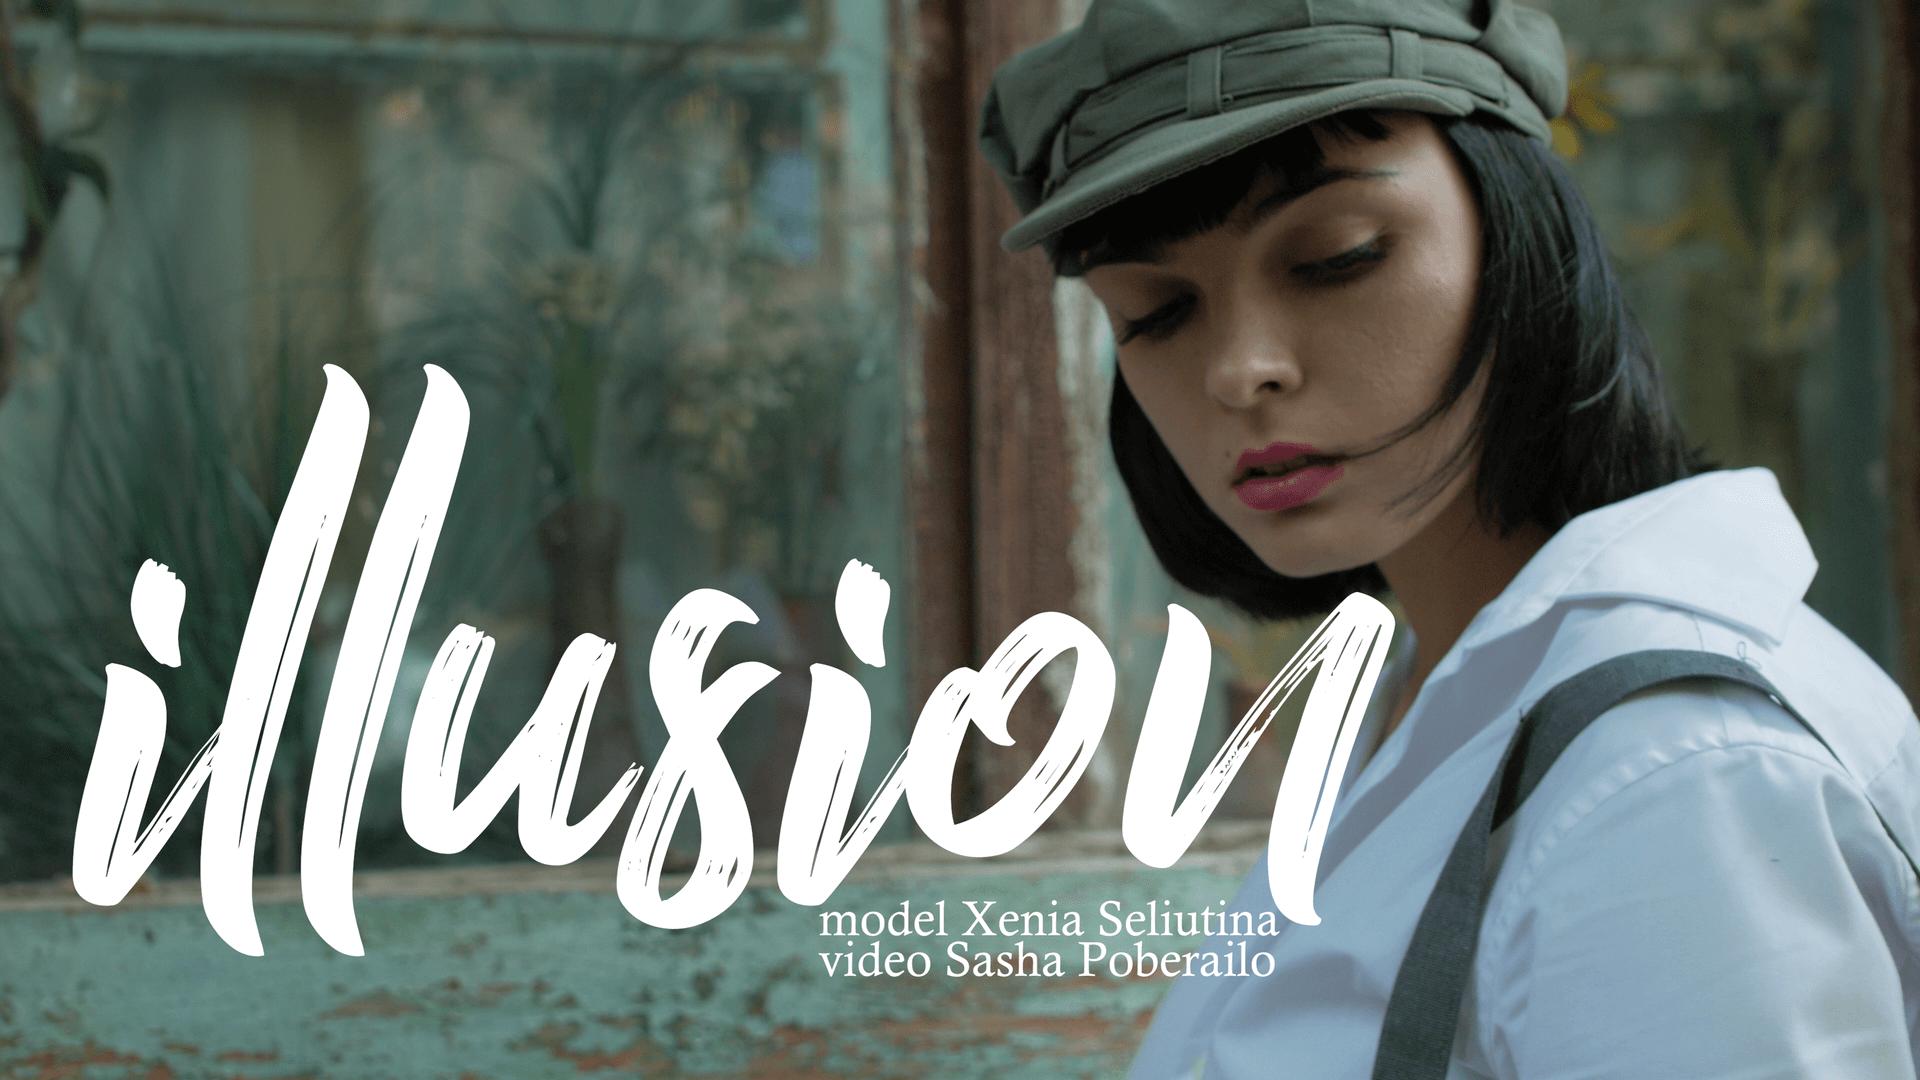 illusion fashion short film - actress, clip, fashion, model, Poberailo